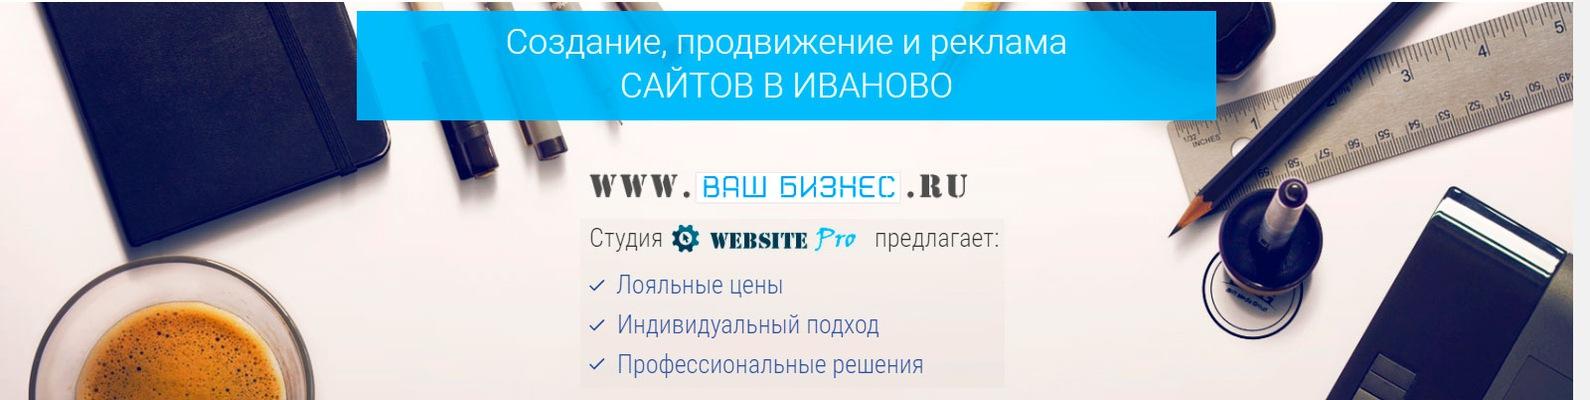 Продвижение сайтов в иваново цены выбор способа создания сайта